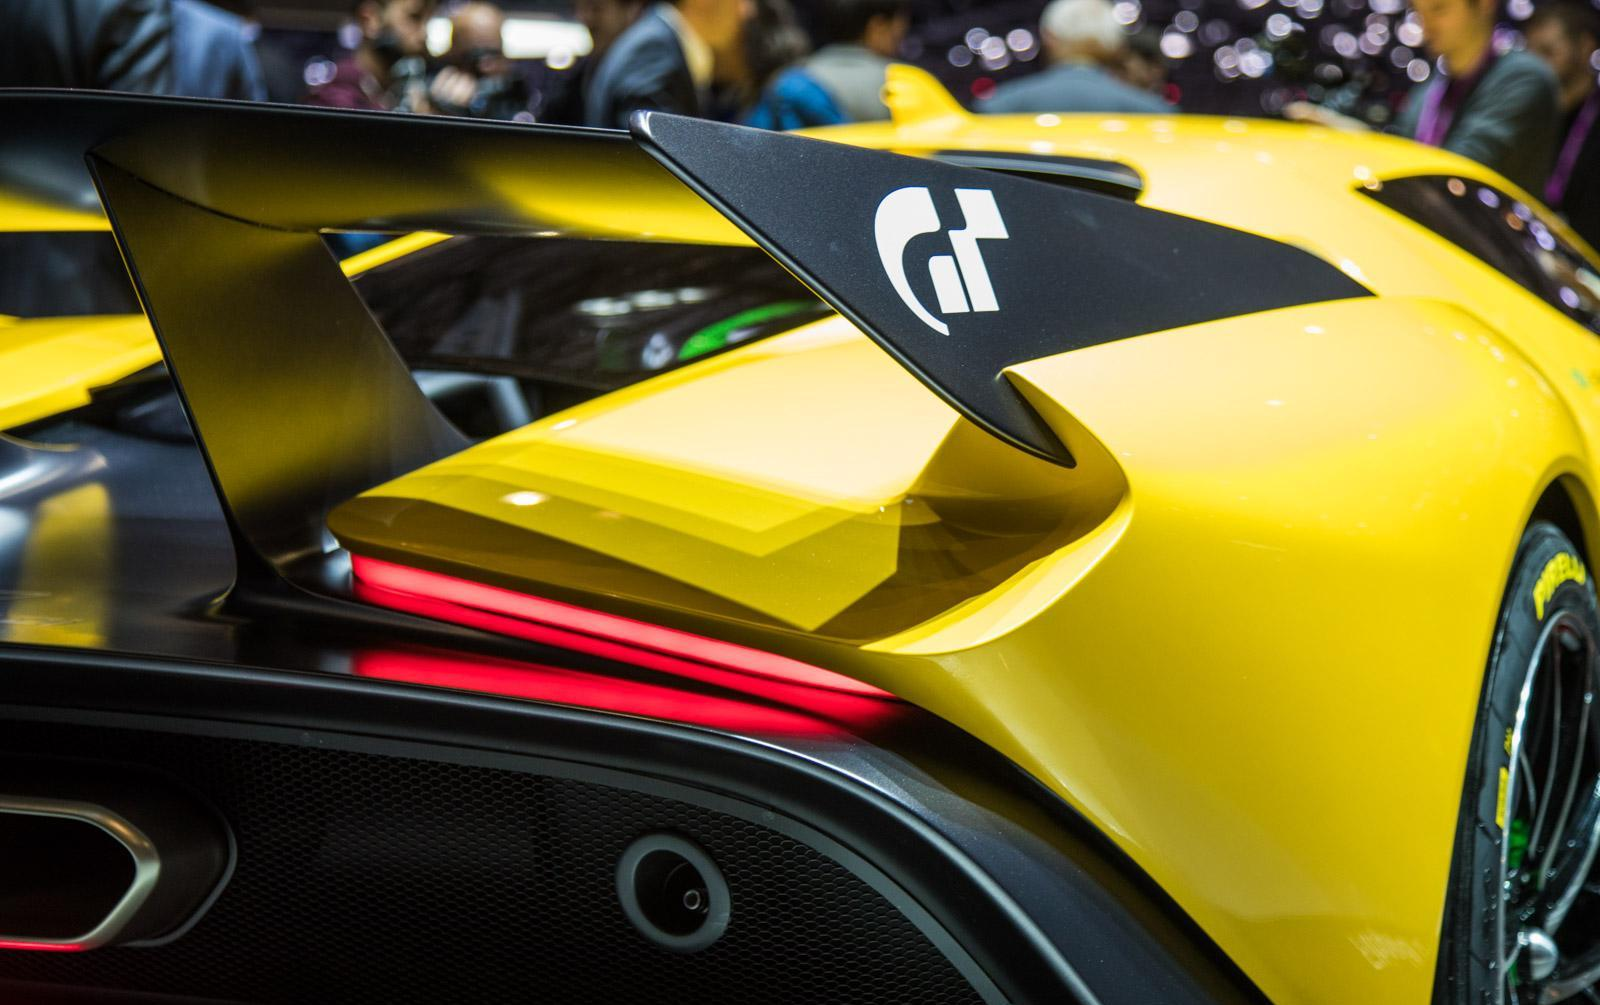 Fittipaldi EF7 Vision Gran Turismo in Geneva 2017 (21)